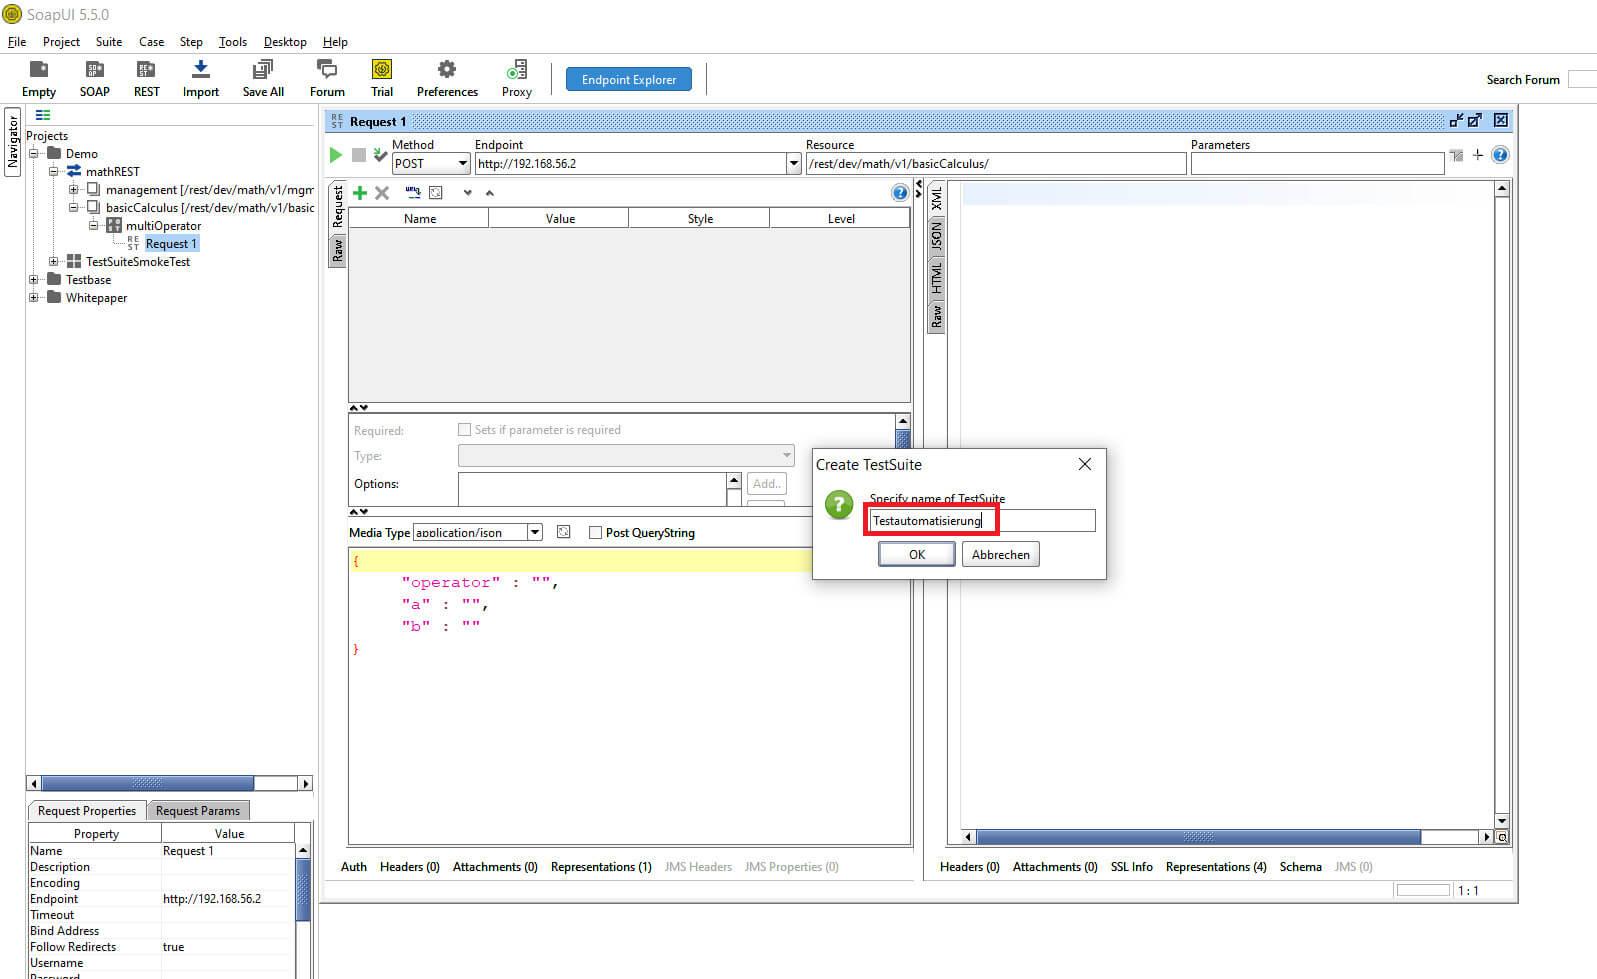 Create TestSuite